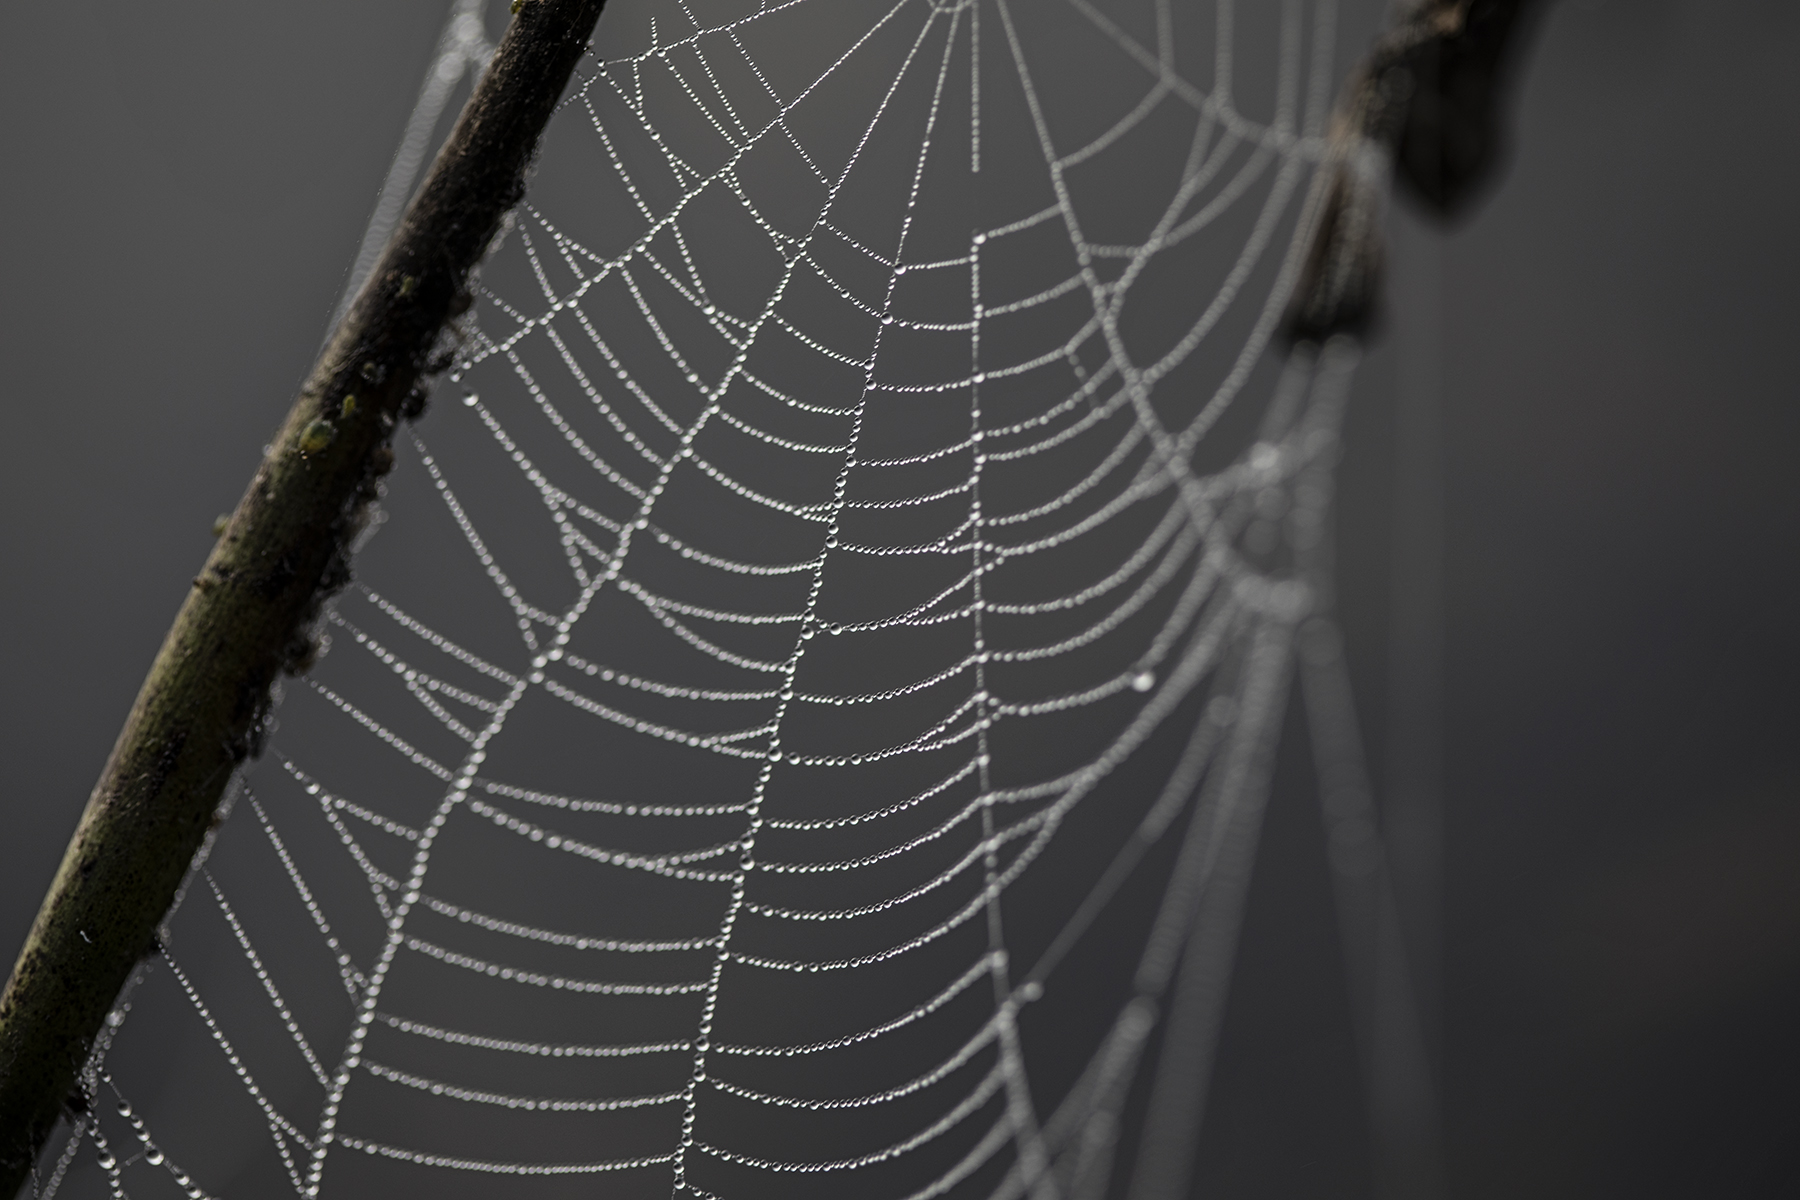 Dew drops and spiderwebs.